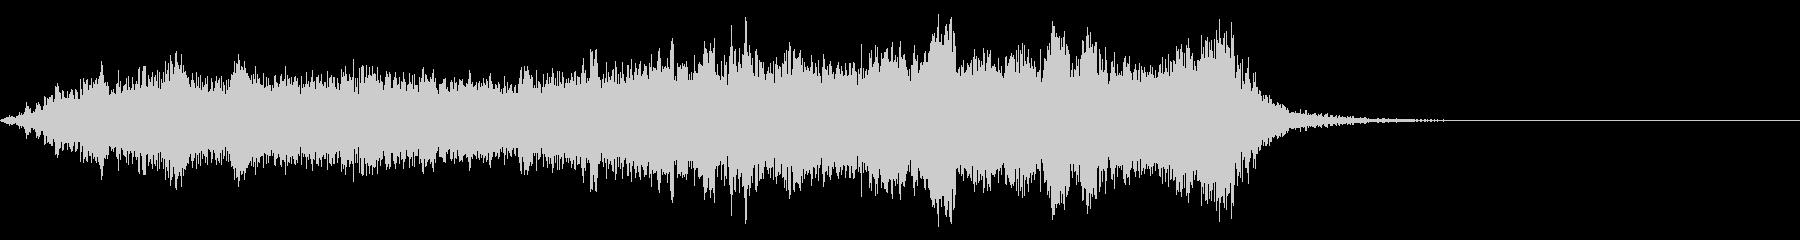 ワープ 宇宙的 未来的な効果音 01の未再生の波形